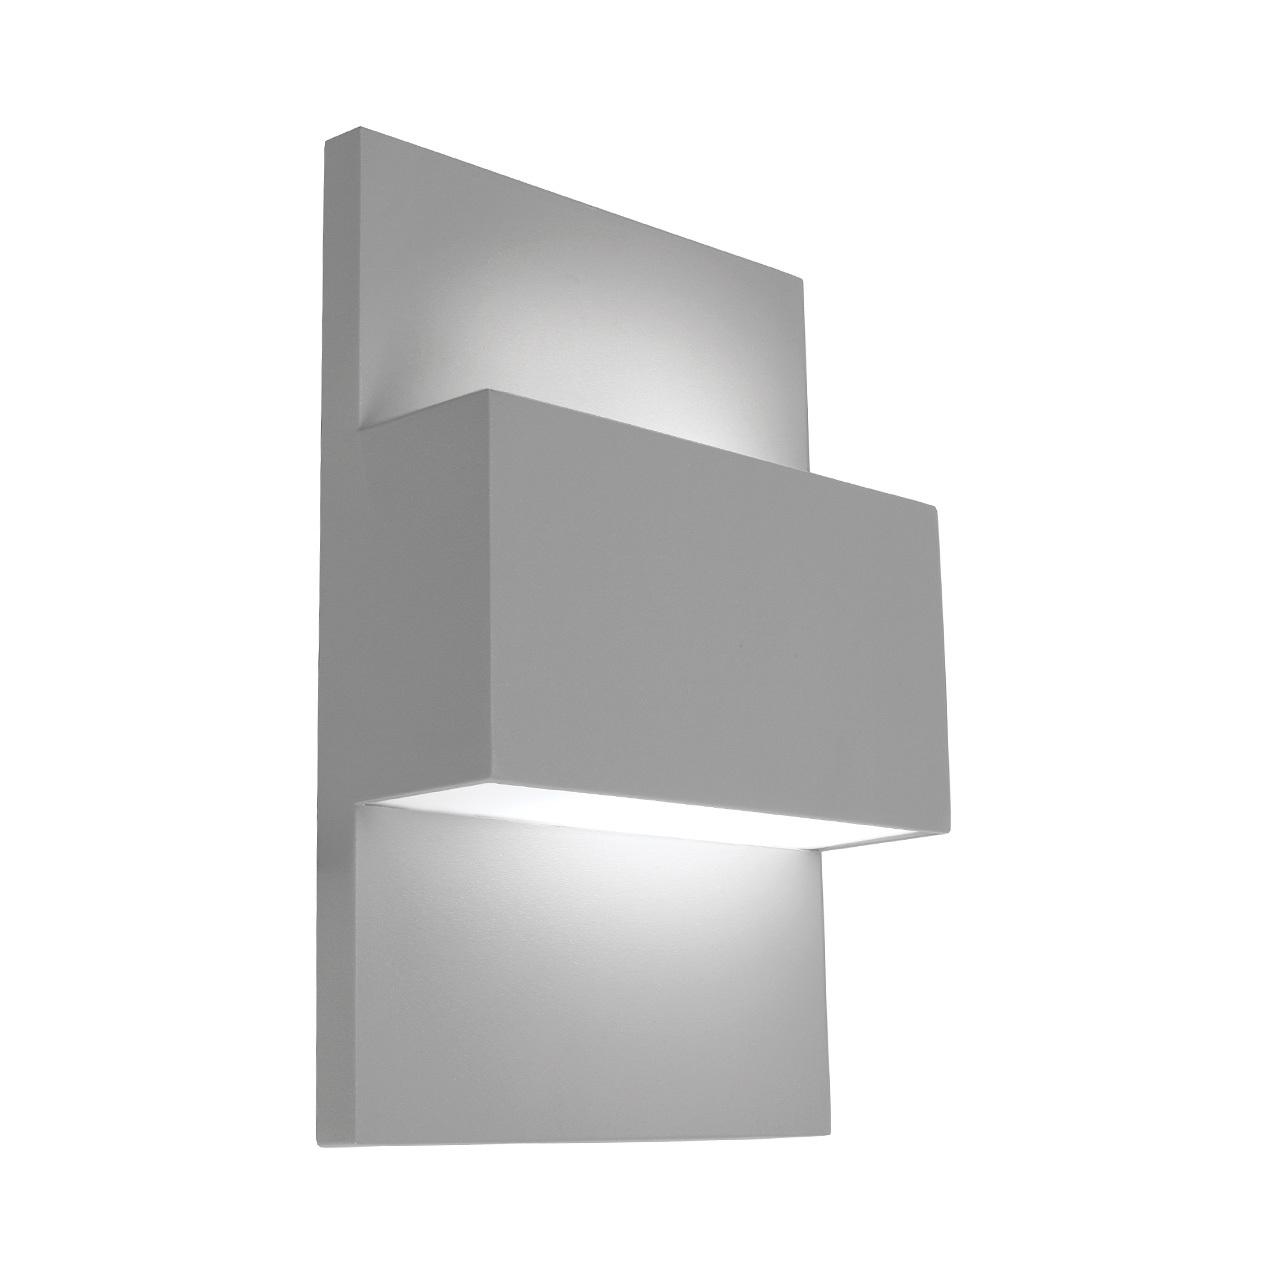 Lampa ścienna GENEVE LED 879AL -Norlys  SPRAWDŹ RABATY  5-10-15-20 % w koszyku